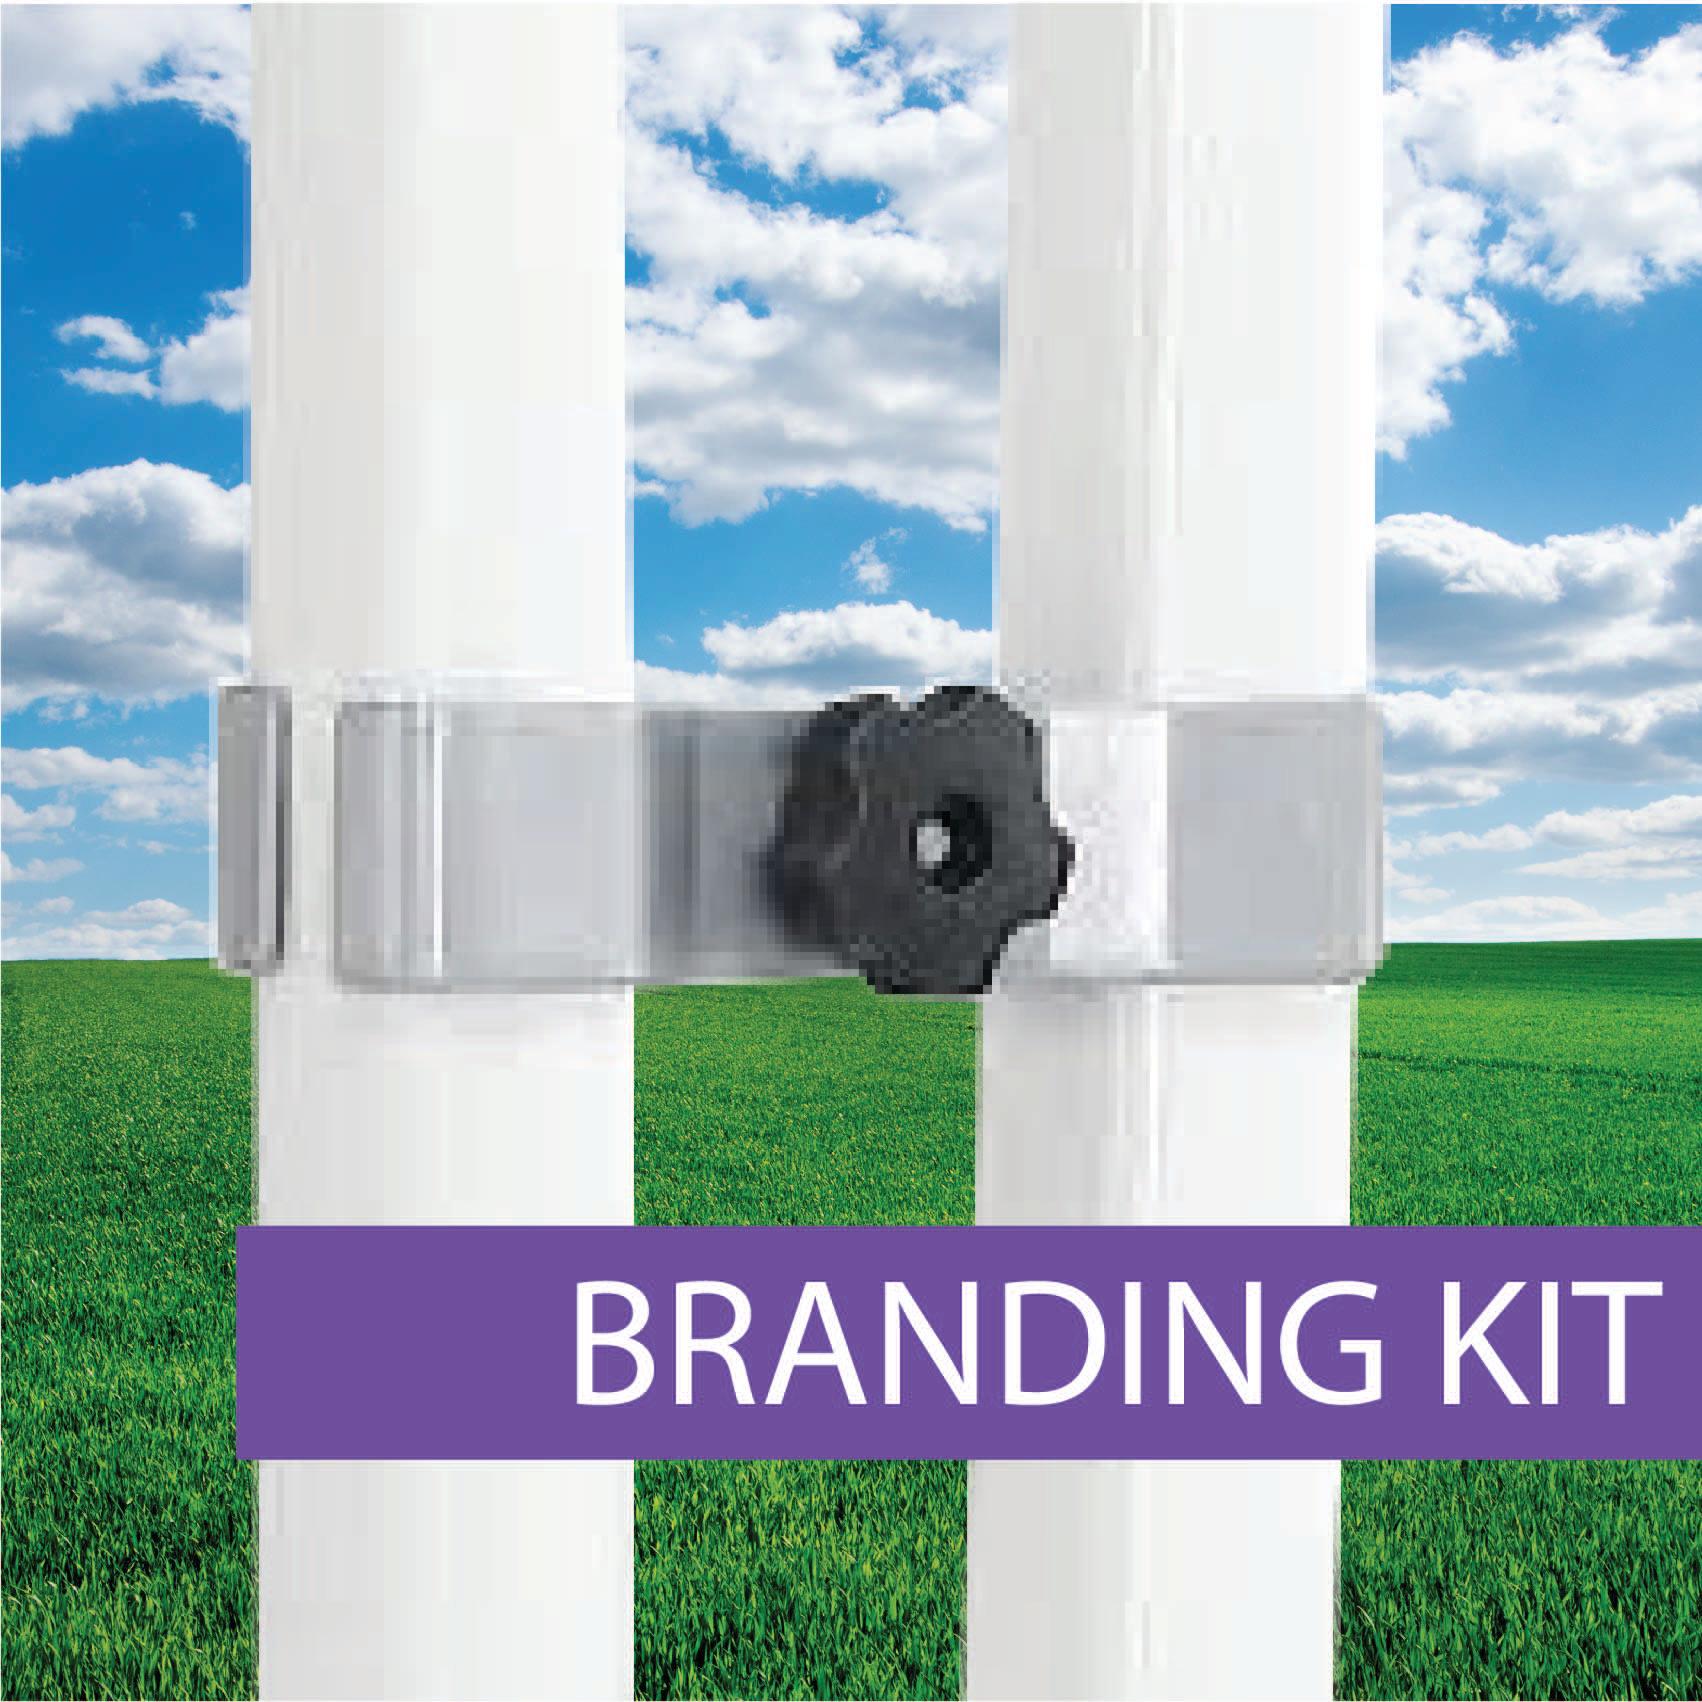 Oztrail Branding Kit fitting